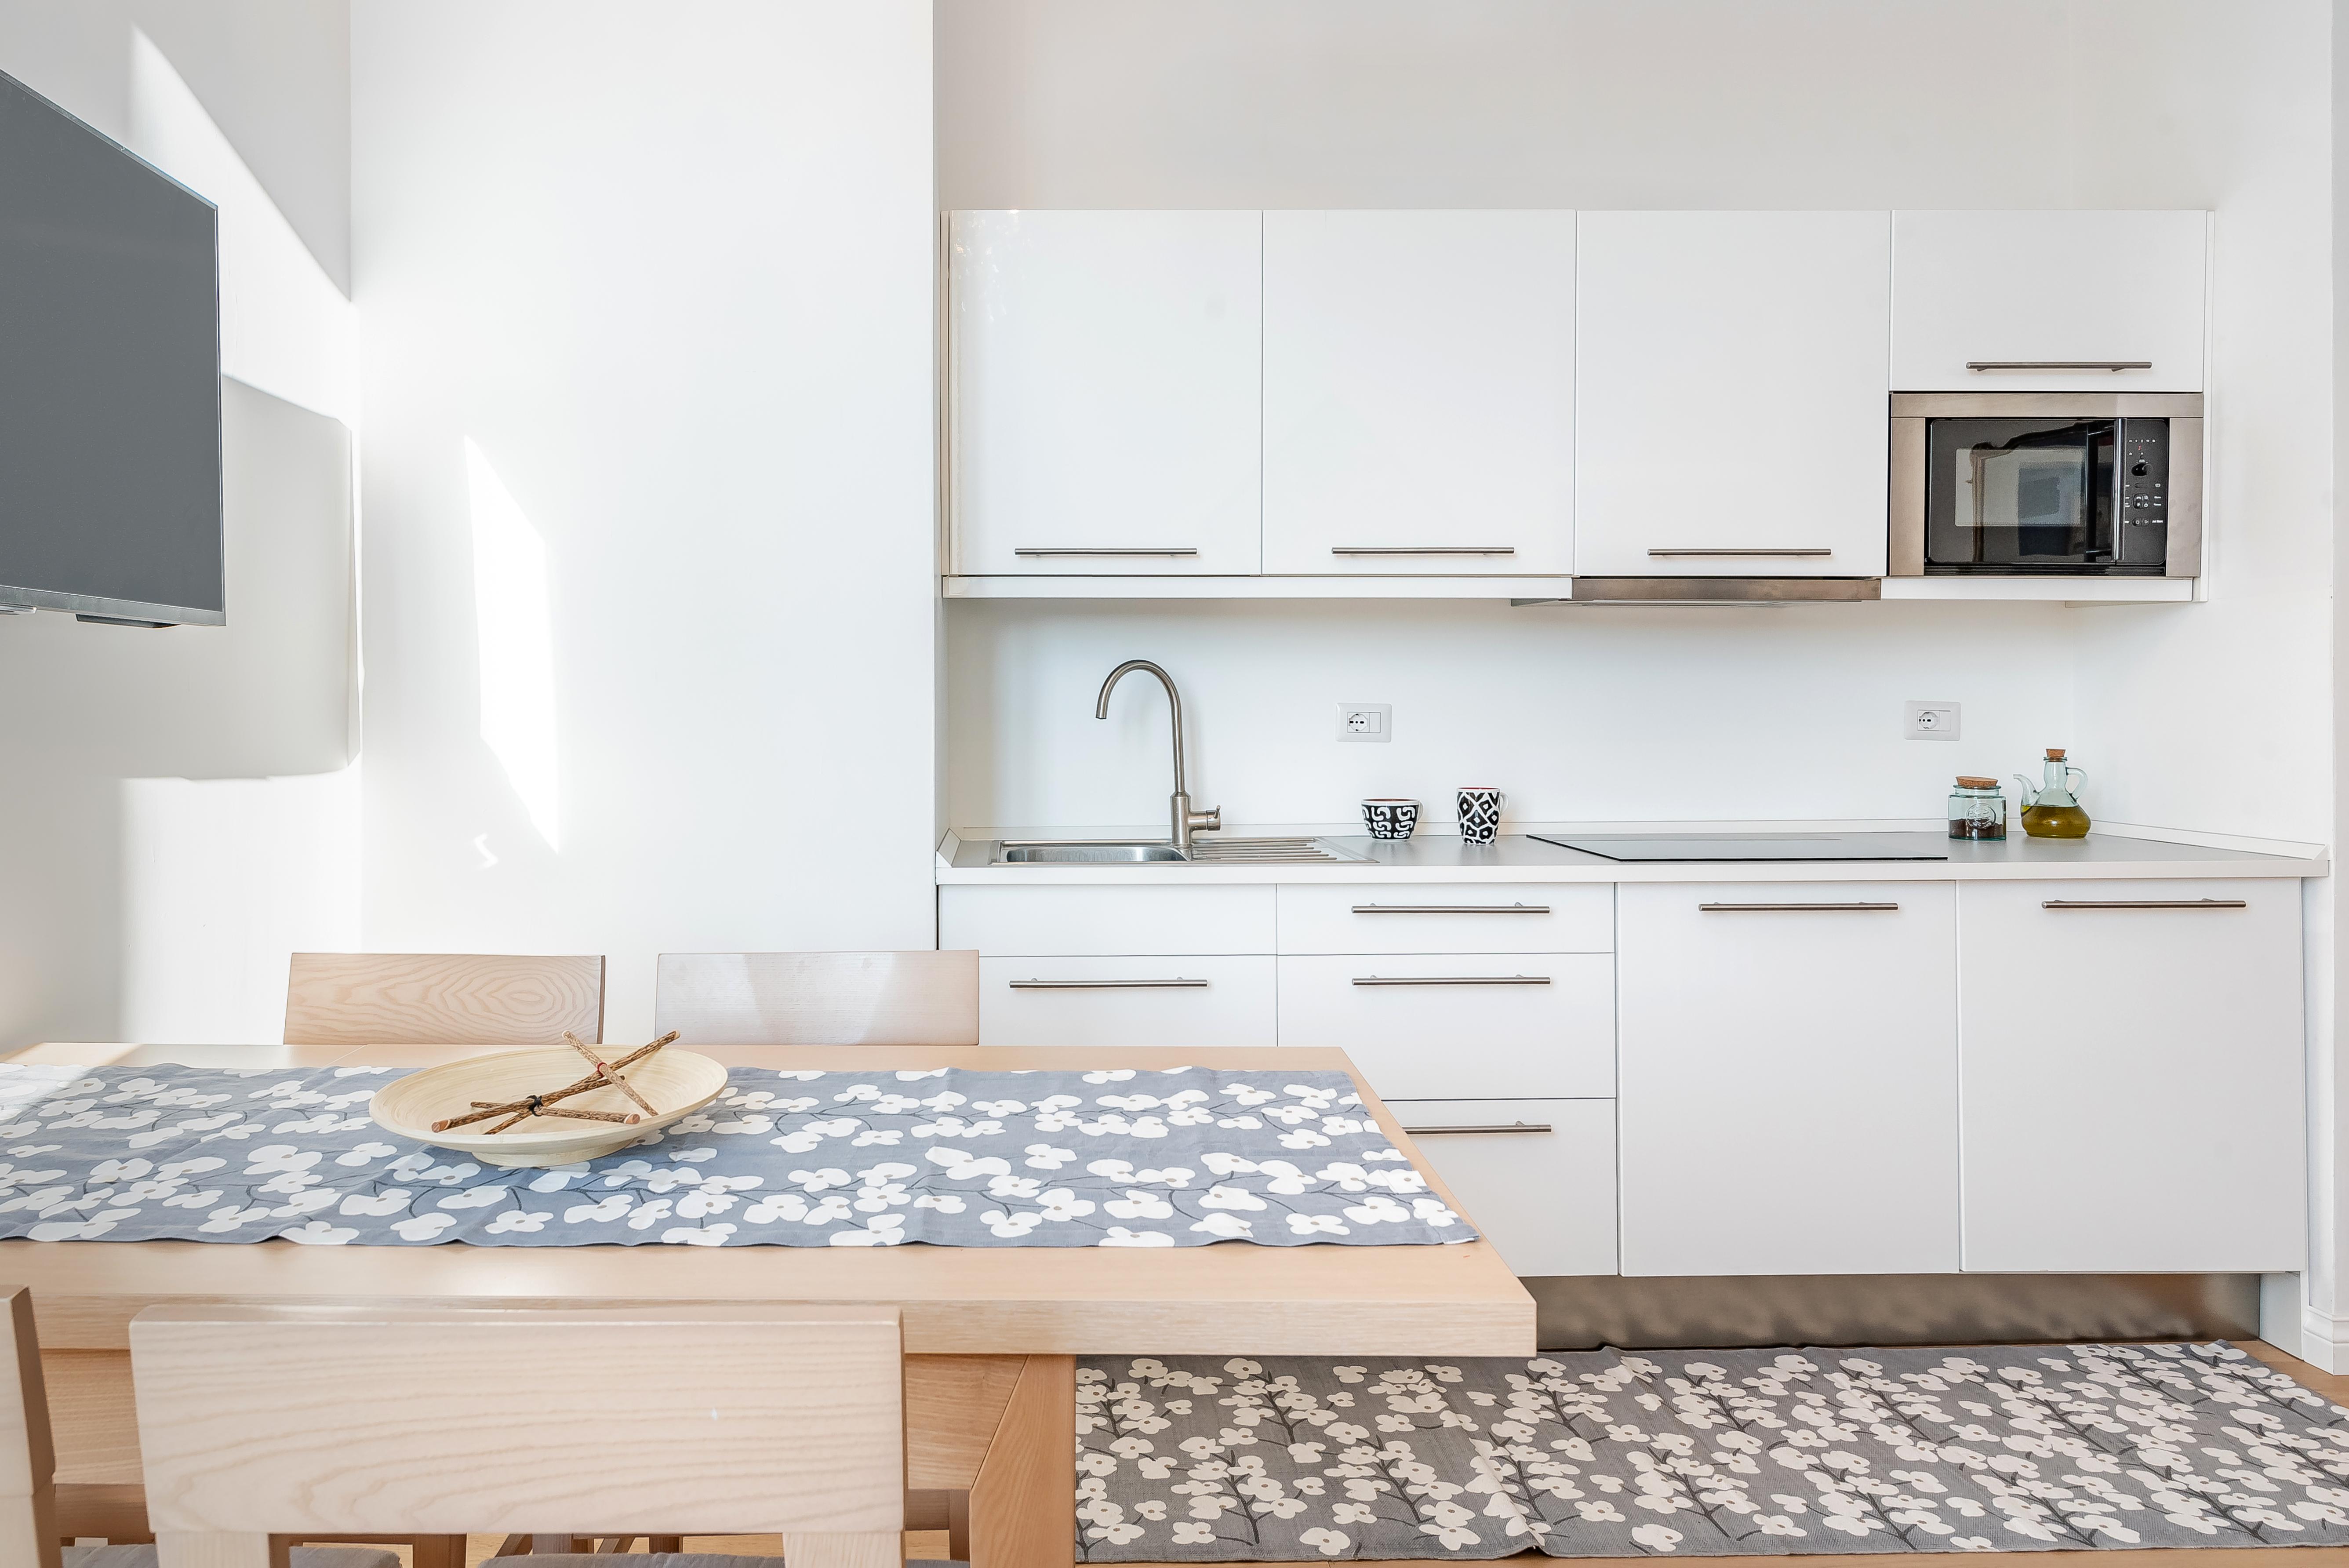 Ristrutturare Appartamento 35 Mq ristrutturazione appartamento di 35 mq a milano, viale